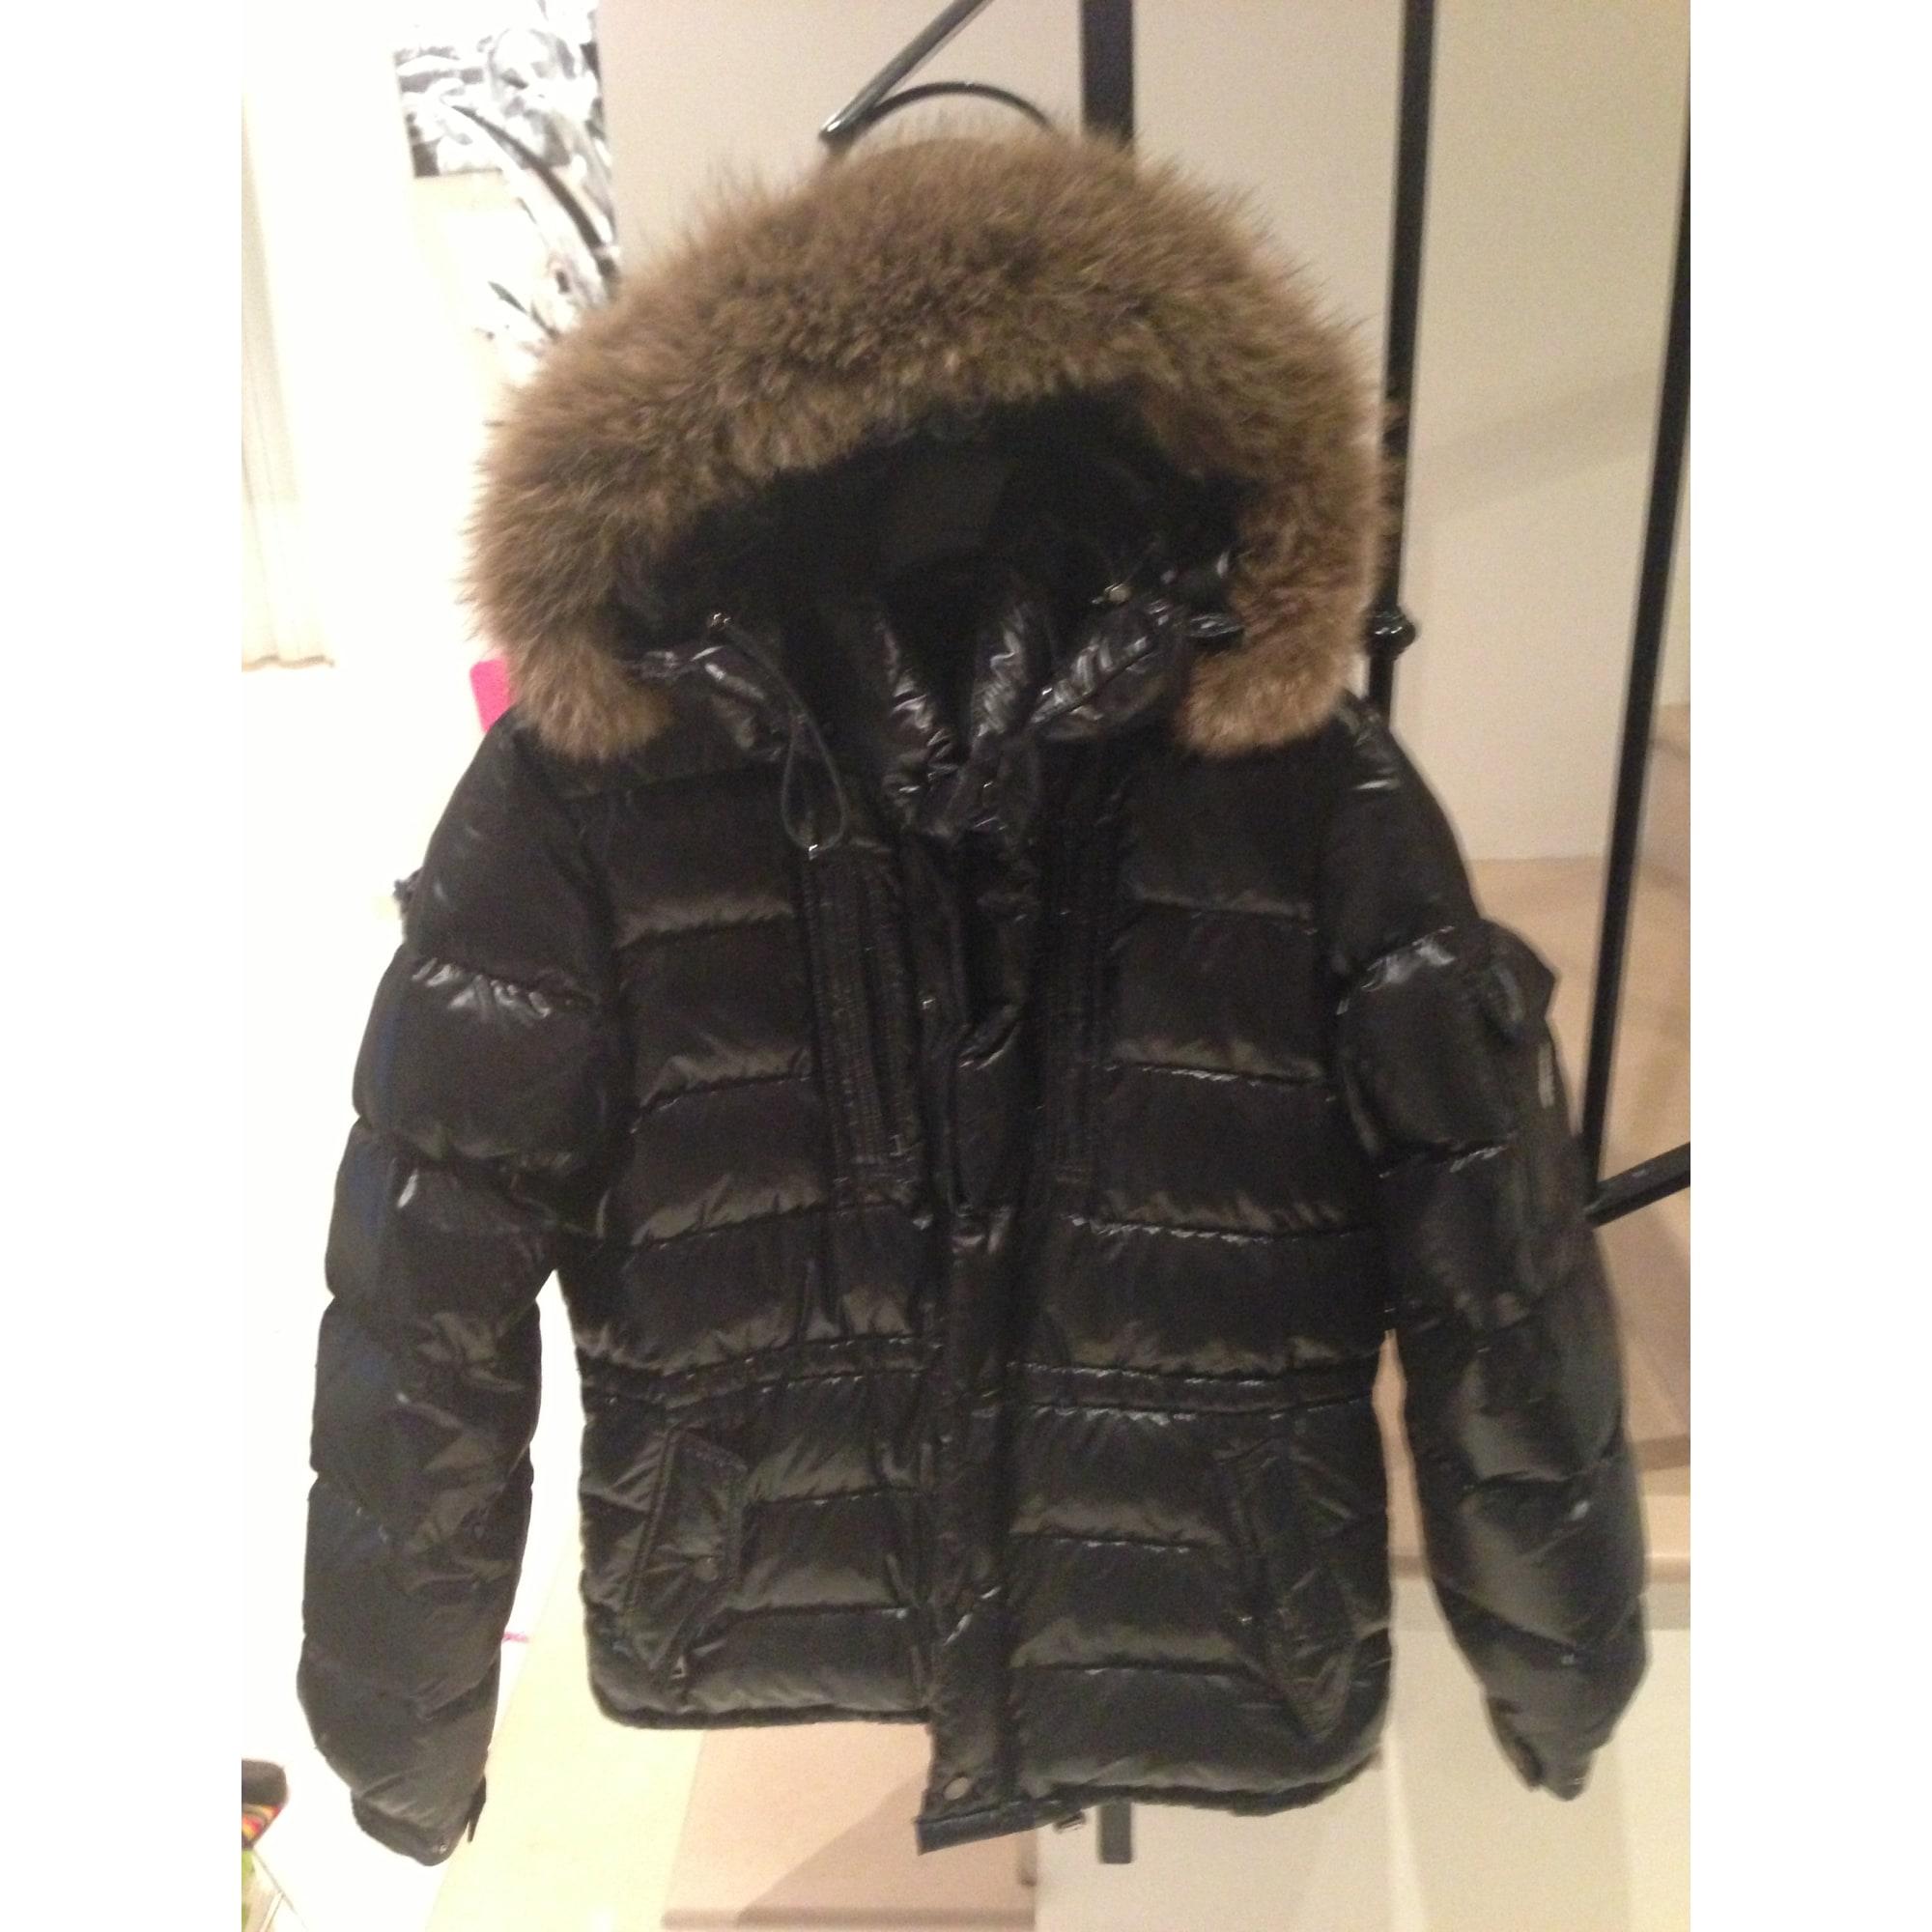 b24467b43315 Doudoune MONCLER 44 (S) noir vendu par Shopname256822 - 1069293